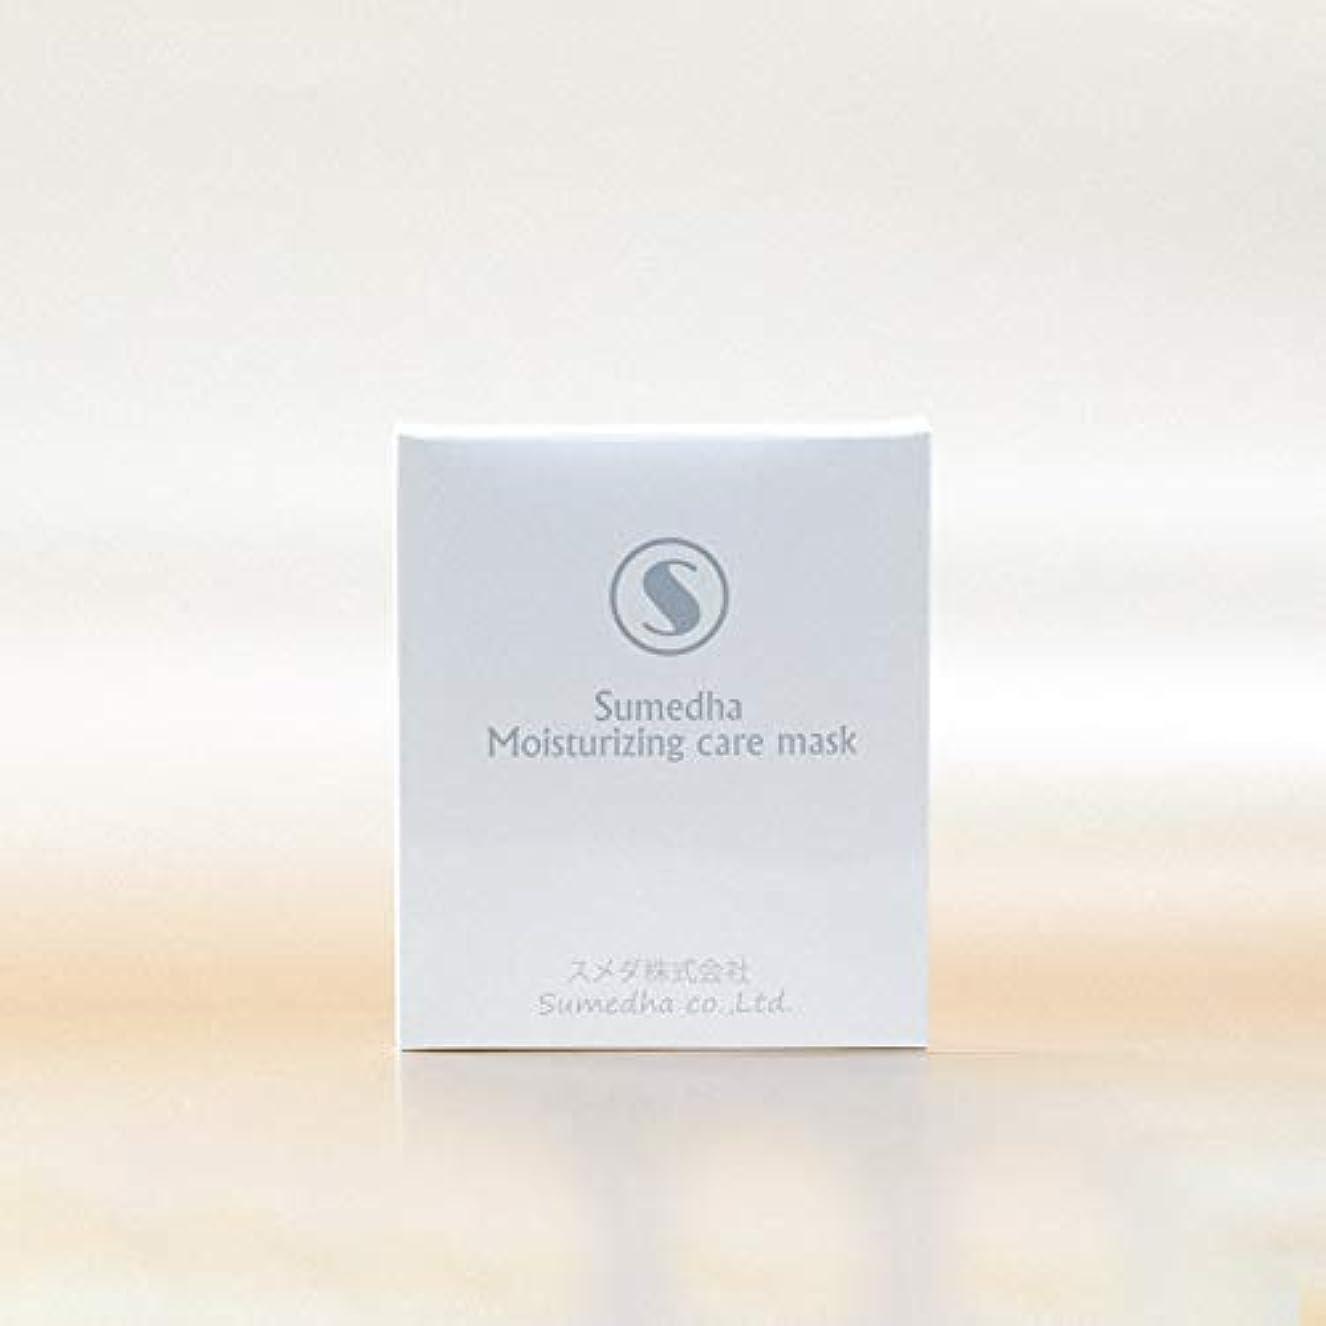 幅頂点主流フェイスマスク Sumedha パック 保湿マスク 日本製 マスク フェイスパック 3枚入り 美白 美容 アンチセンシティブ 角質層修復 保湿 補水 敏感肌 発赤 アレルギー緩和 コーセー (超保湿)